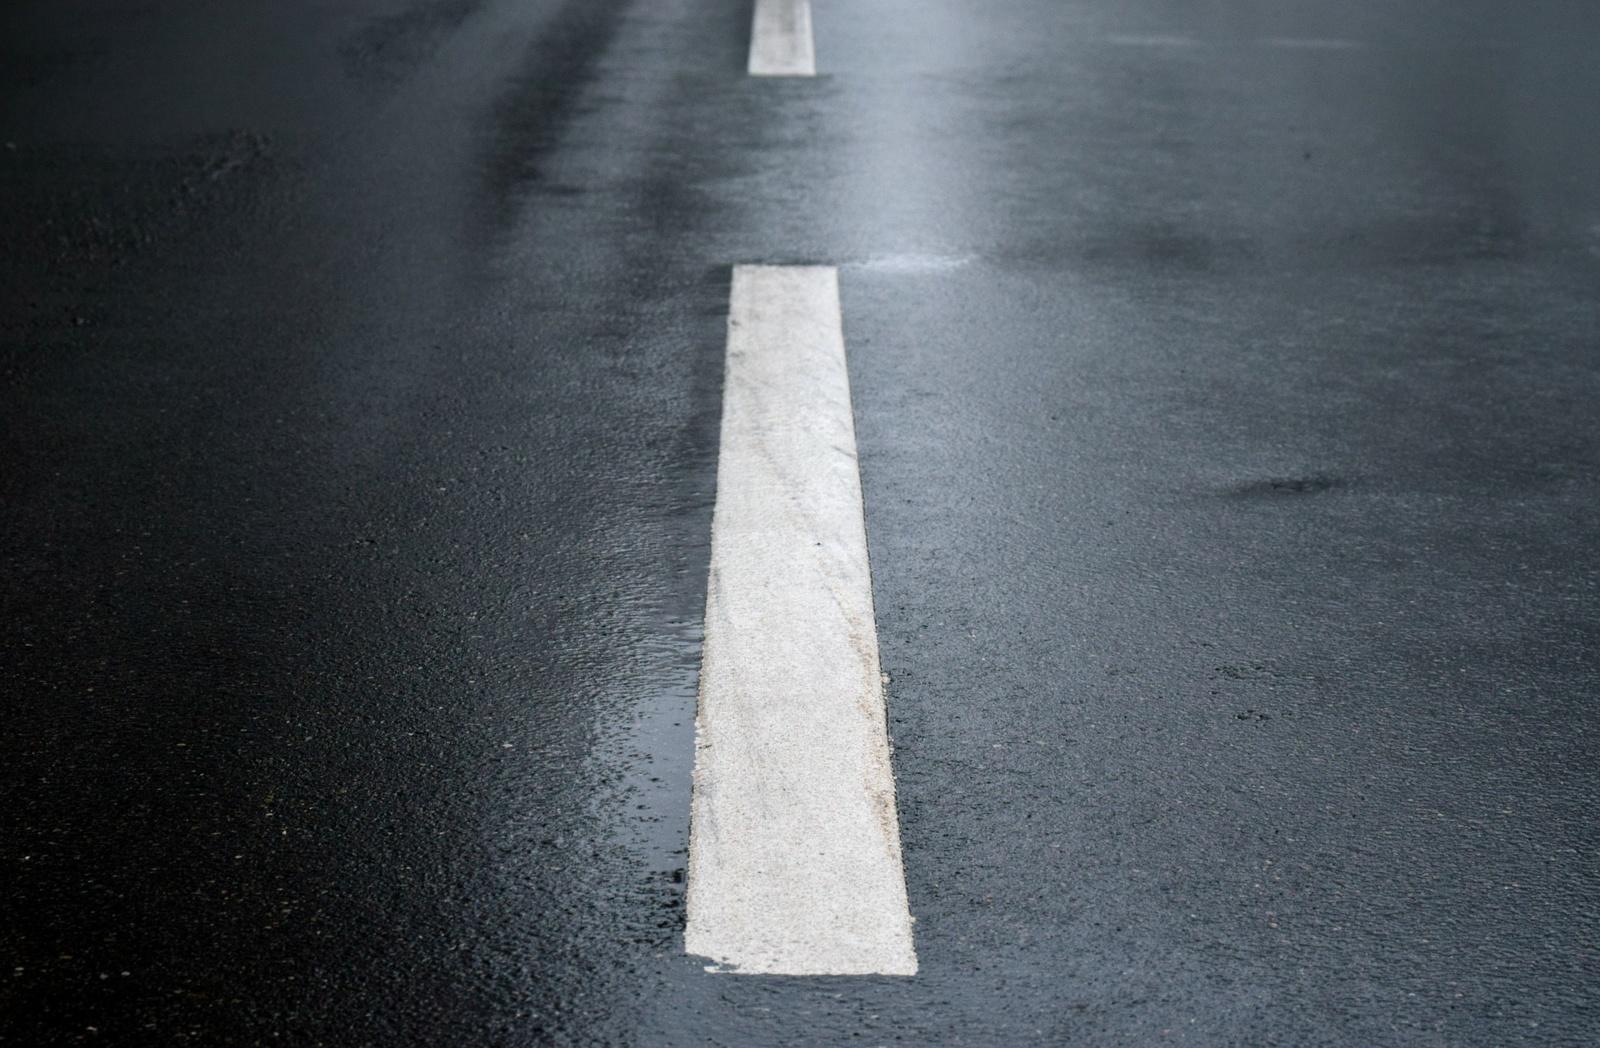 Pasvalio rajone automobilis kliudė pėsčiąjį